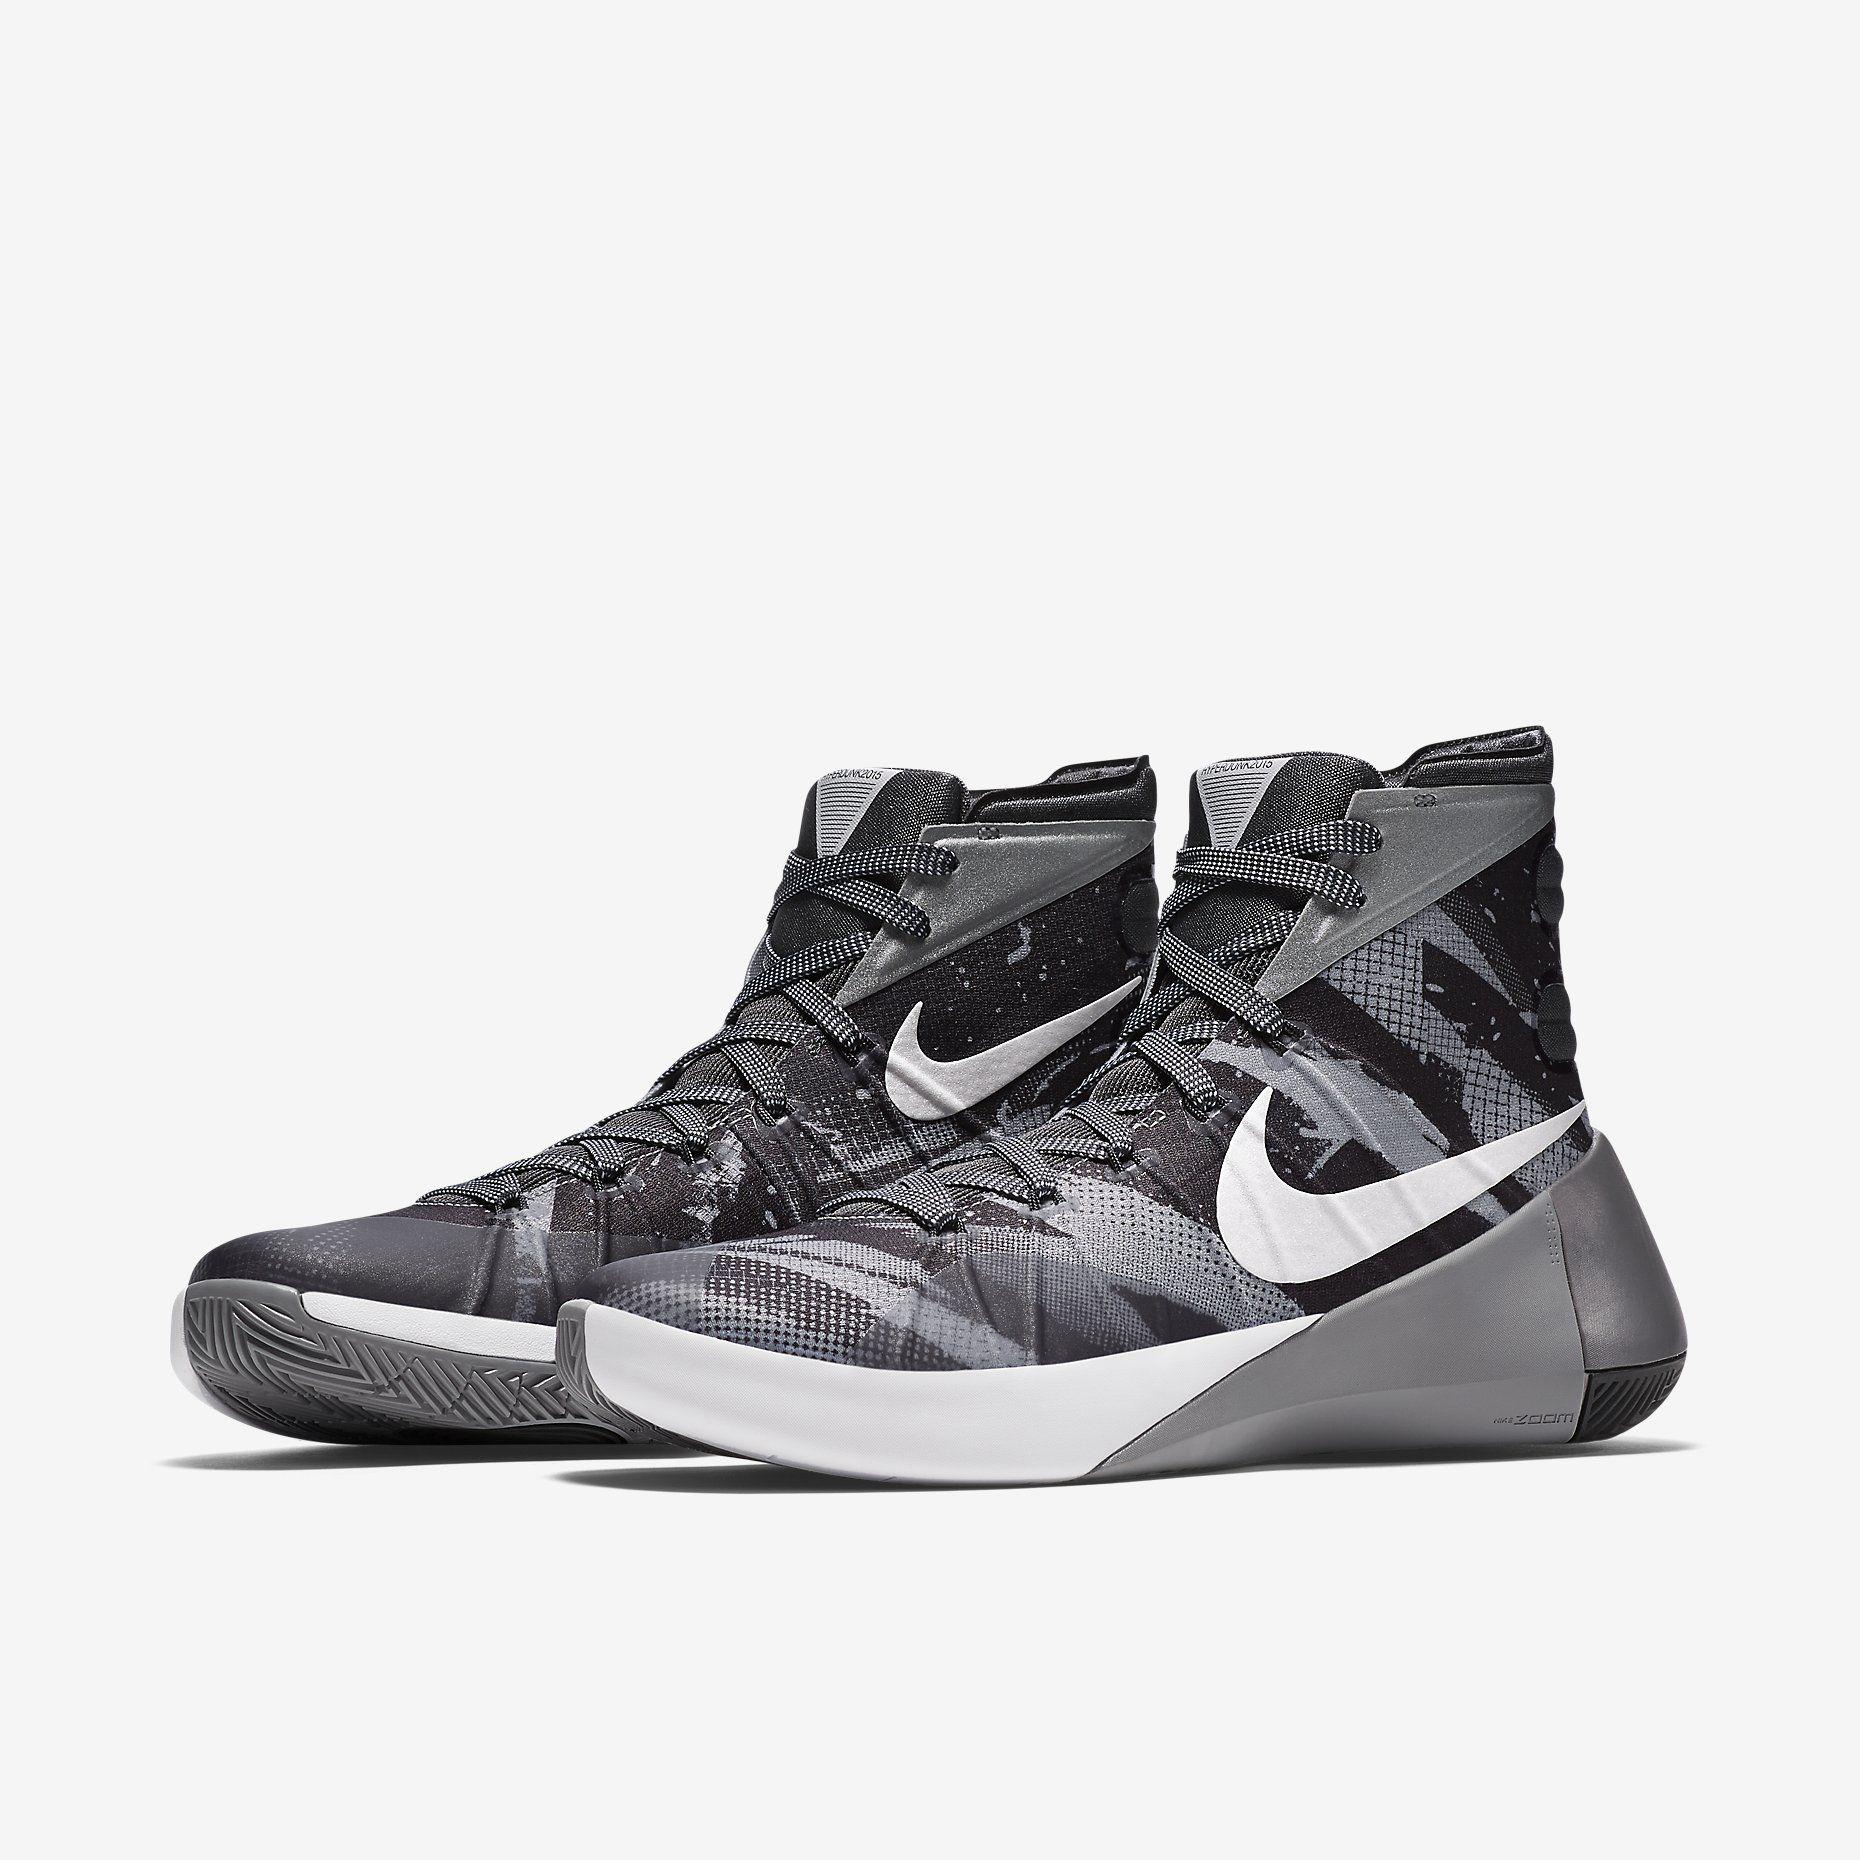 Clayton on. Zapatillas De BaloncestoHombres NikeCorriendoZapatos ...